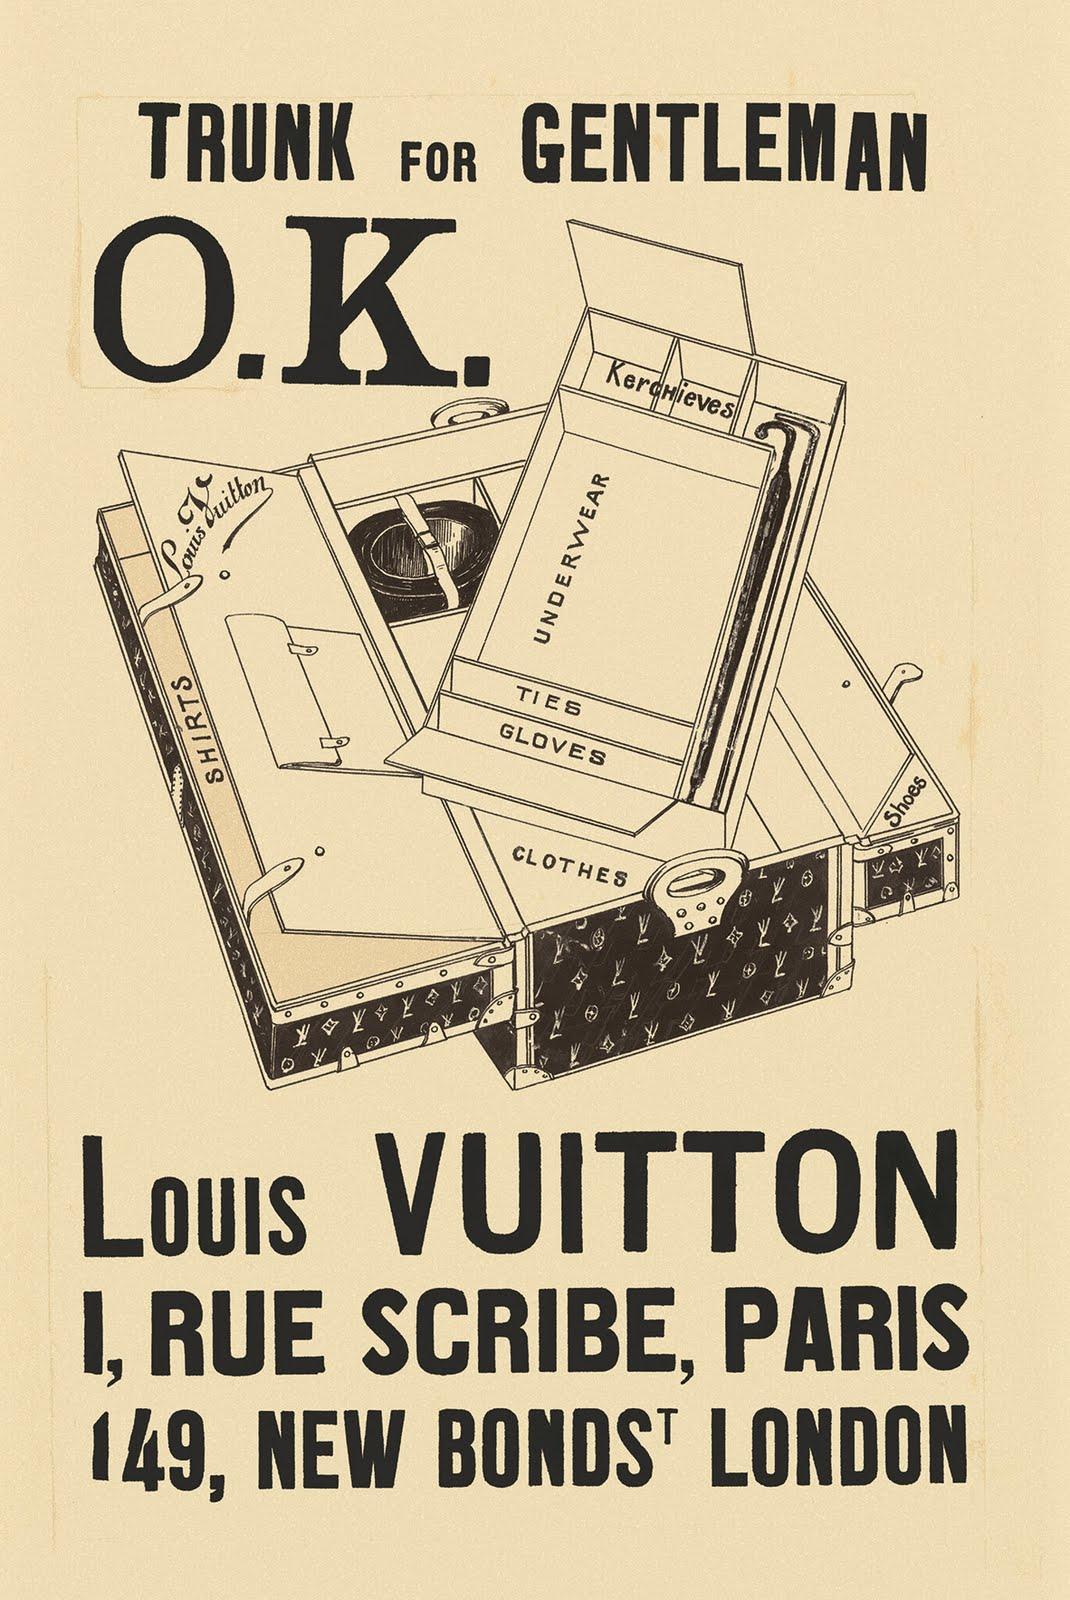 field of vision vintage vuitton trunks. Black Bedroom Furniture Sets. Home Design Ideas